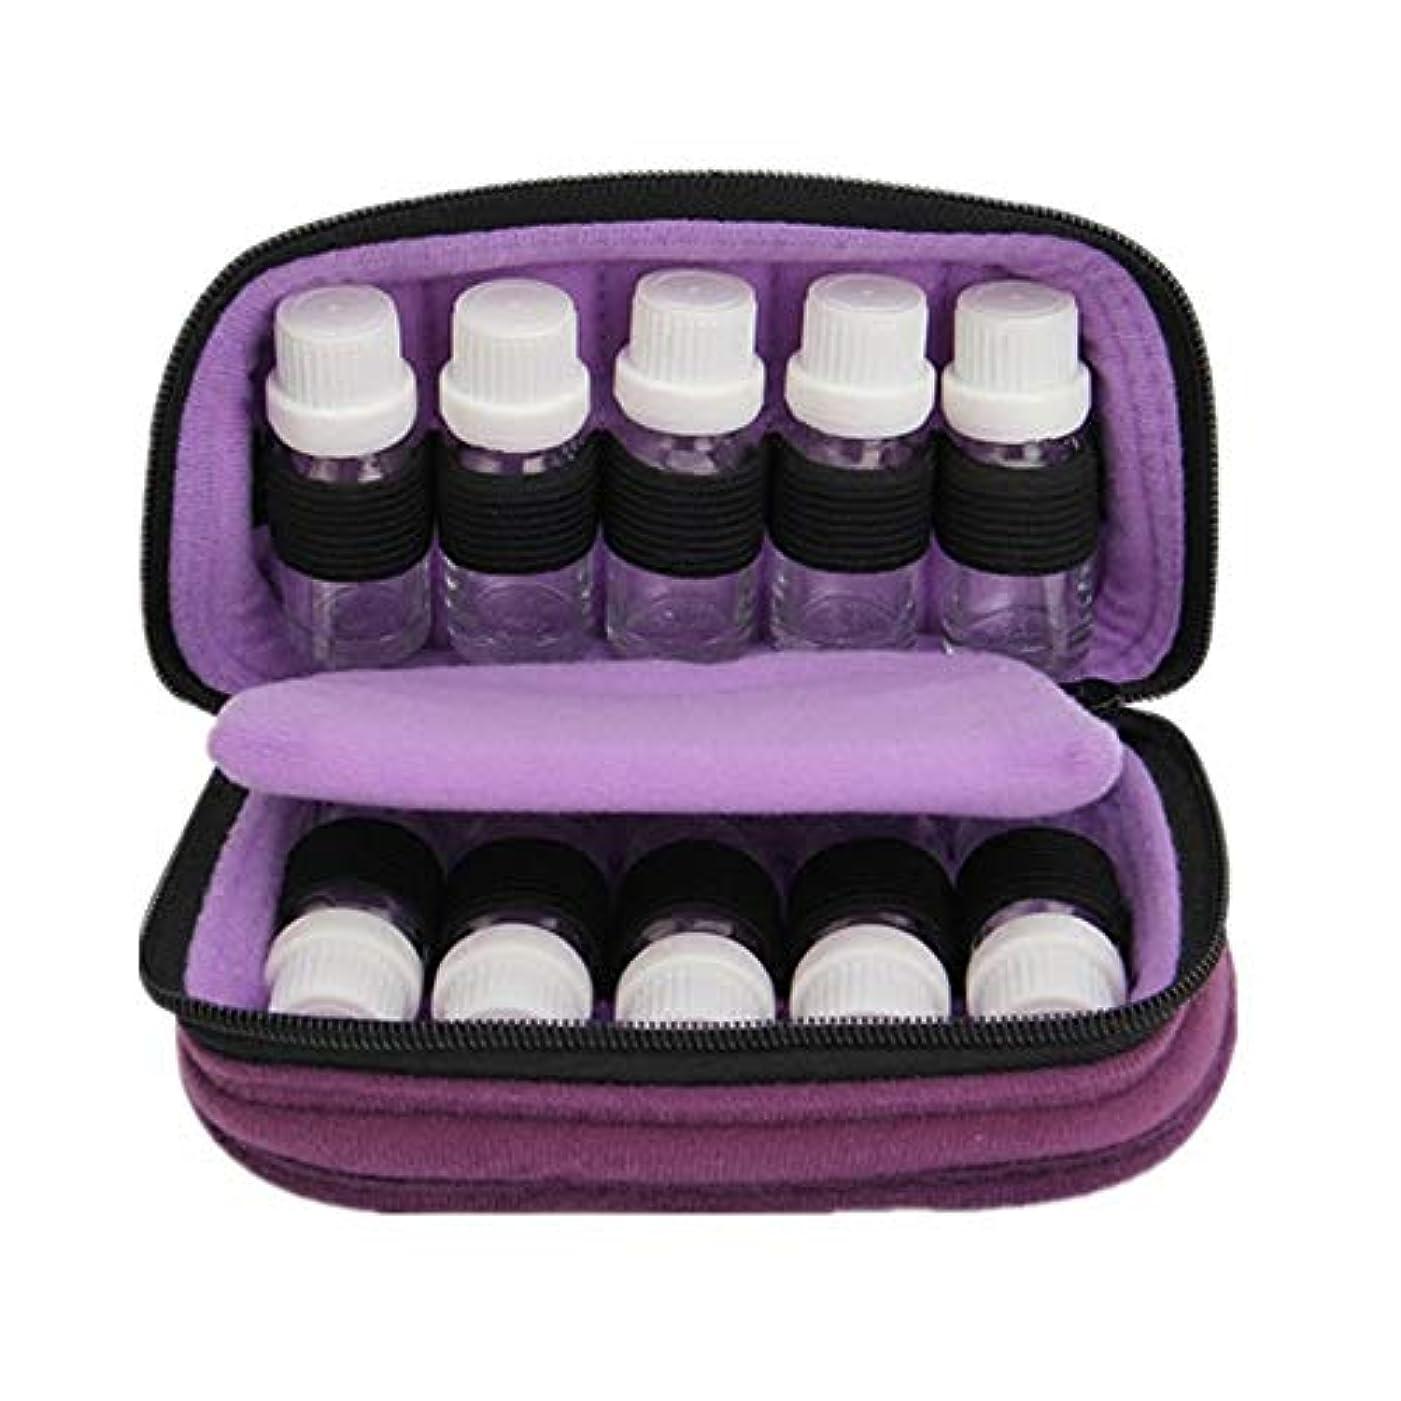 スロベニアスムーズに生きるエッセンシャルオイルの保管 ケース収納キャリング10ボトルエッセンシャルオイルは、走行用の10&15のM1トラベルオーガナイザーポーチバッグパーフェクトにフィット (色 : 紫の, サイズ : 18X10X7.5CM)